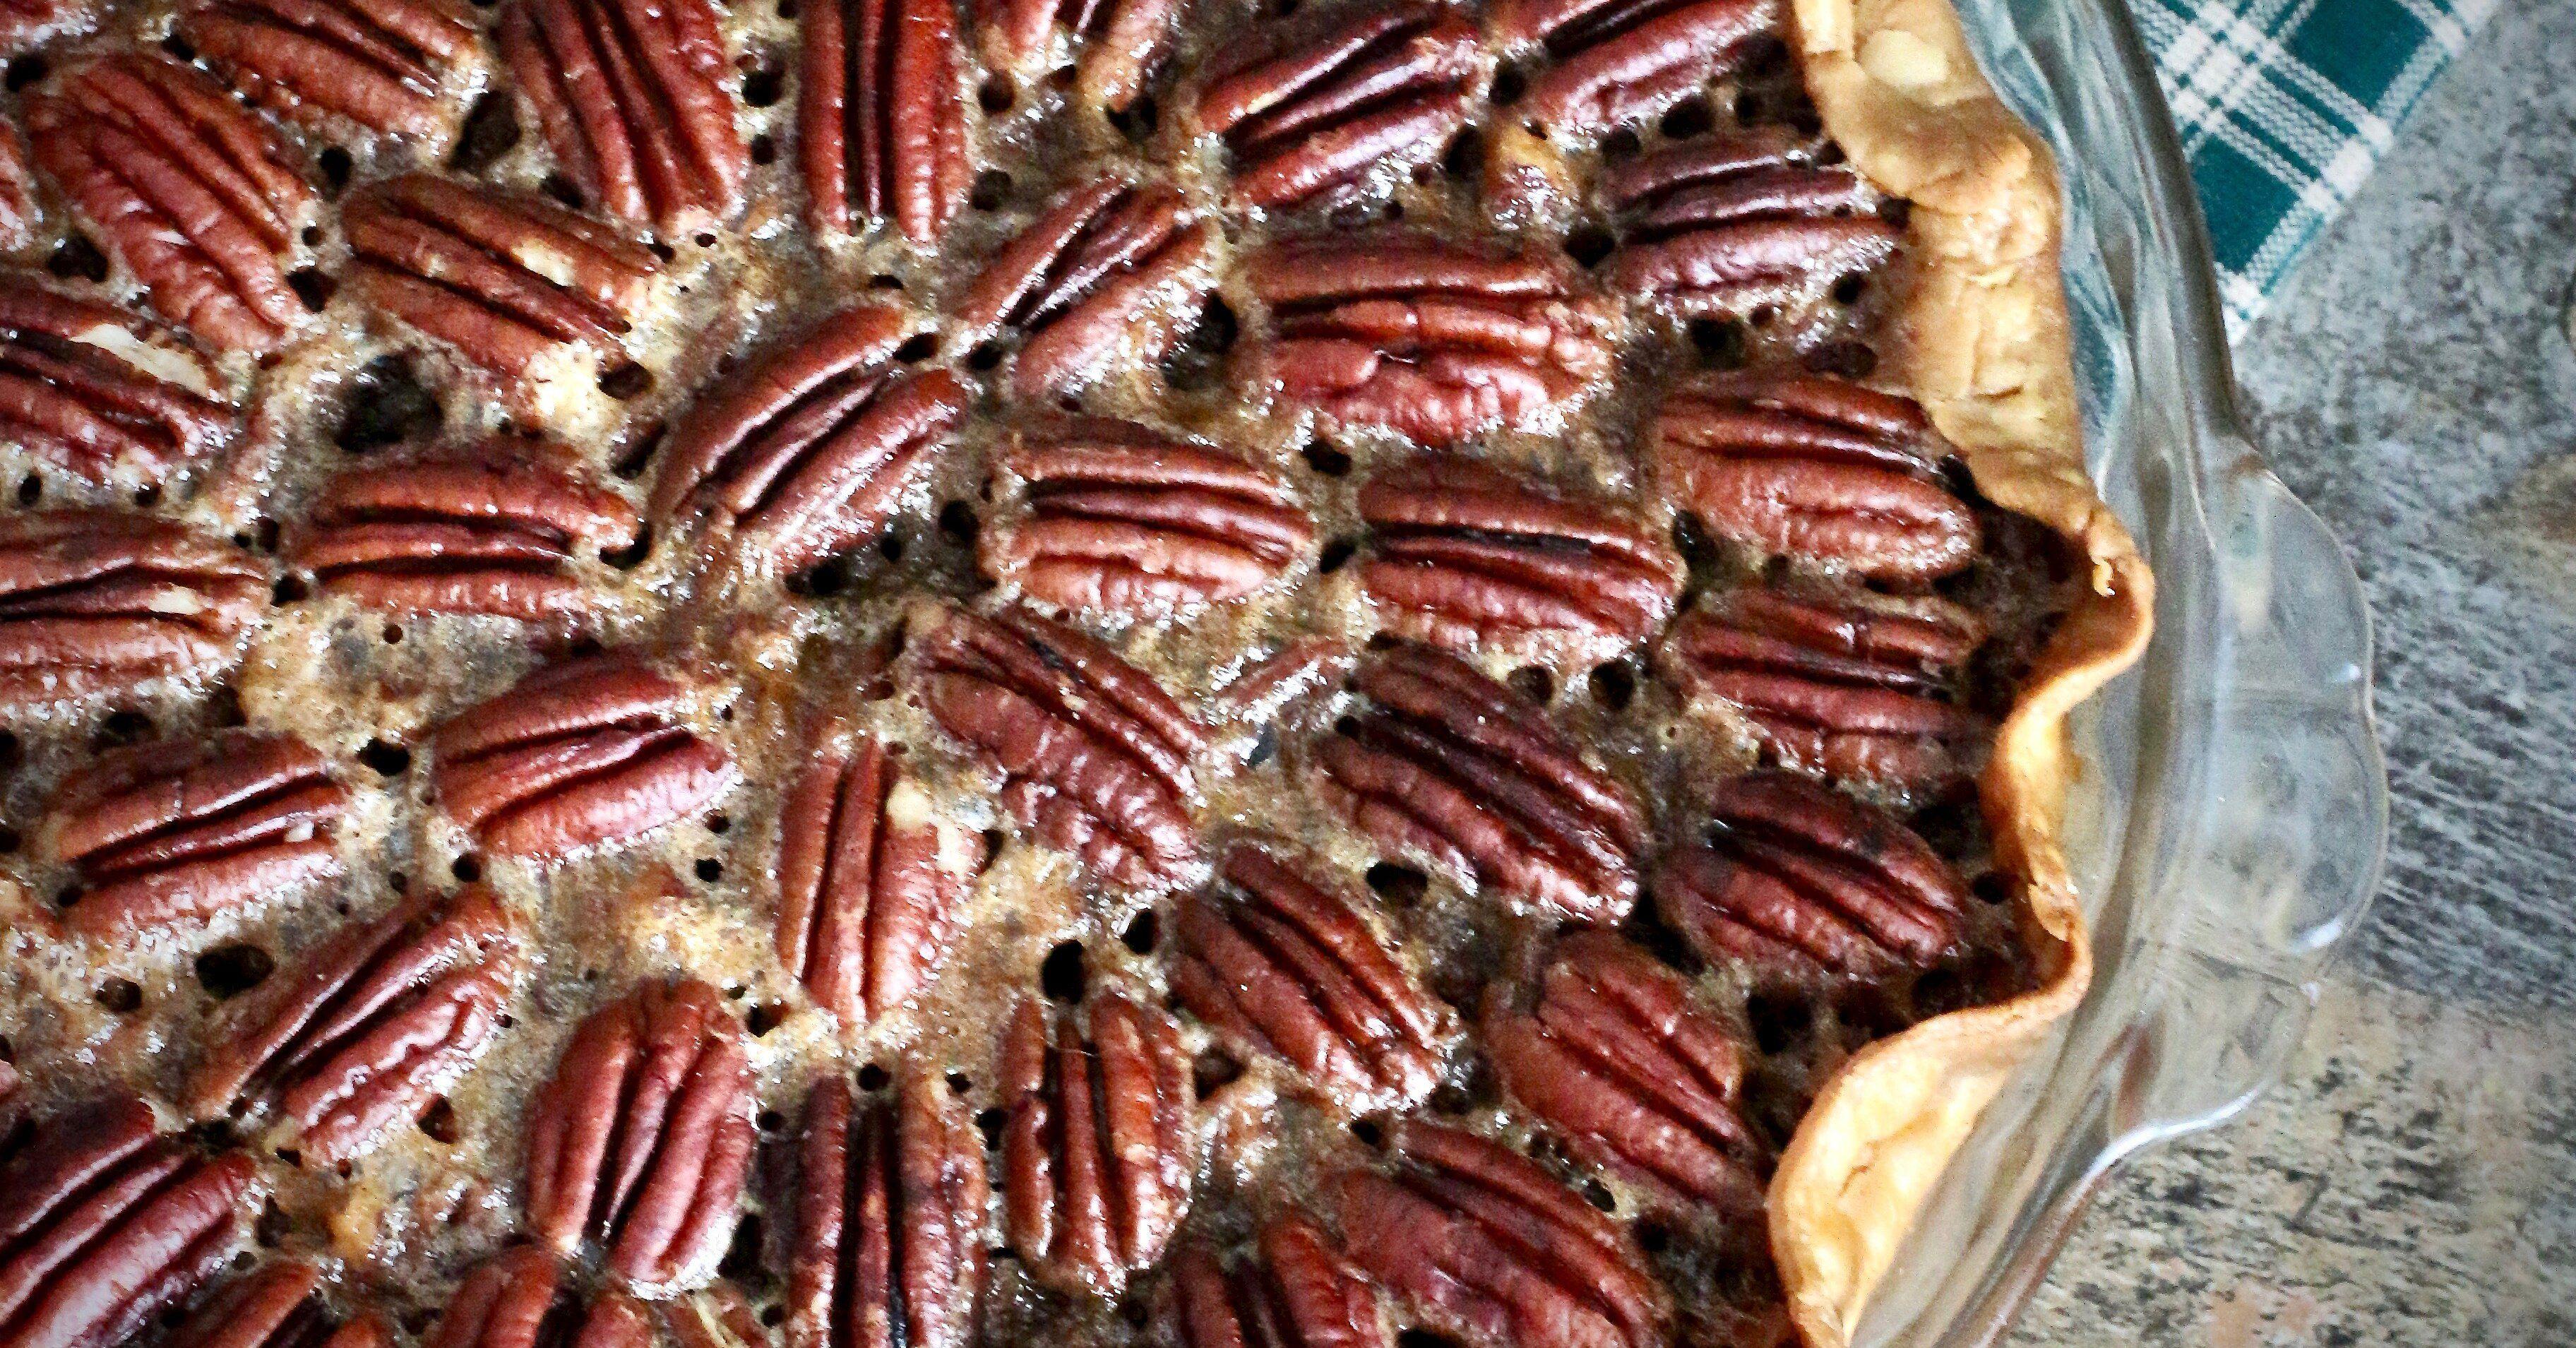 Chocolate bourbon pecan pie recipe recipe in 2020